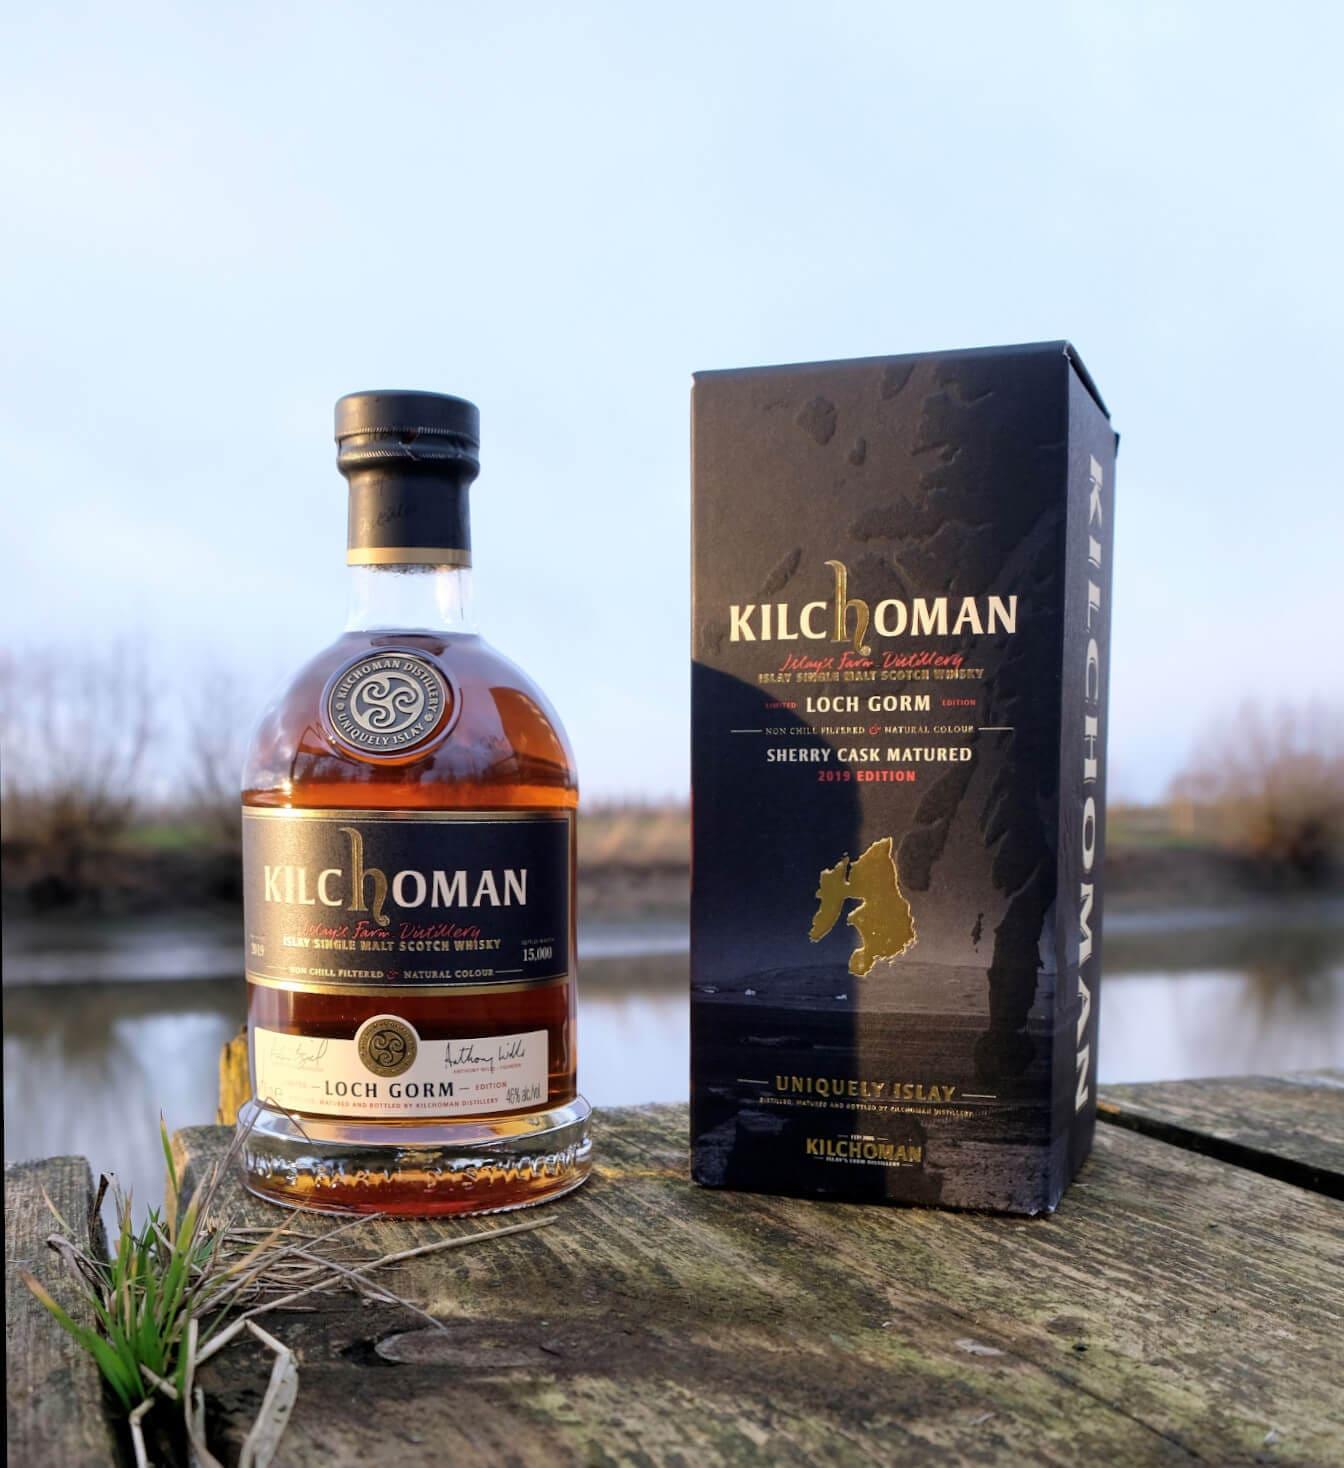 Kilchoman Loch Gorm Whisky auf einem Holzsteg am Wasser